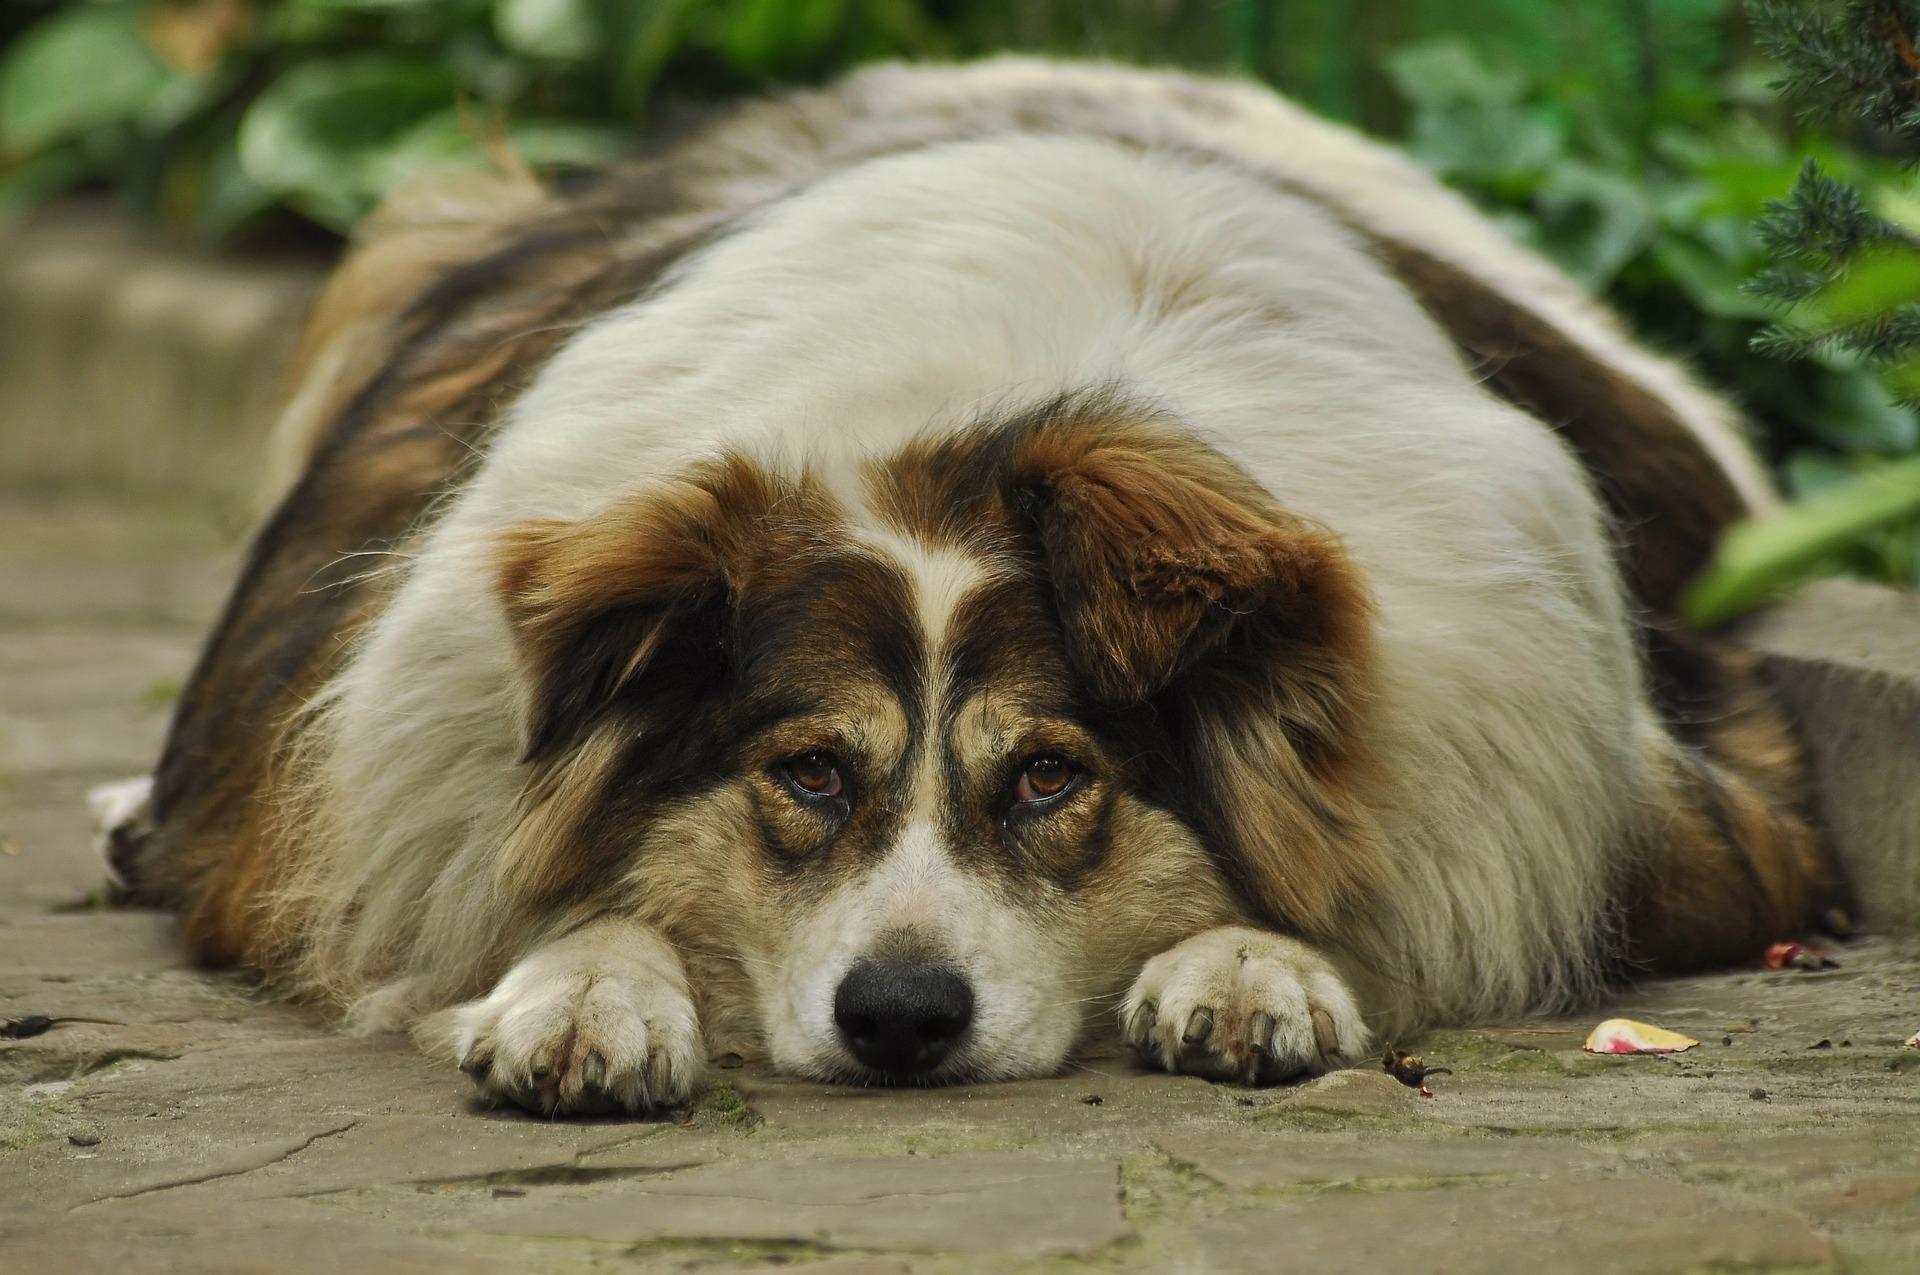 Jak odchudzić psa? Po odpowiedź na to pytanie najlepiej udać się do lekarza weterynarii. Konieczna będzie dieta i ruch.